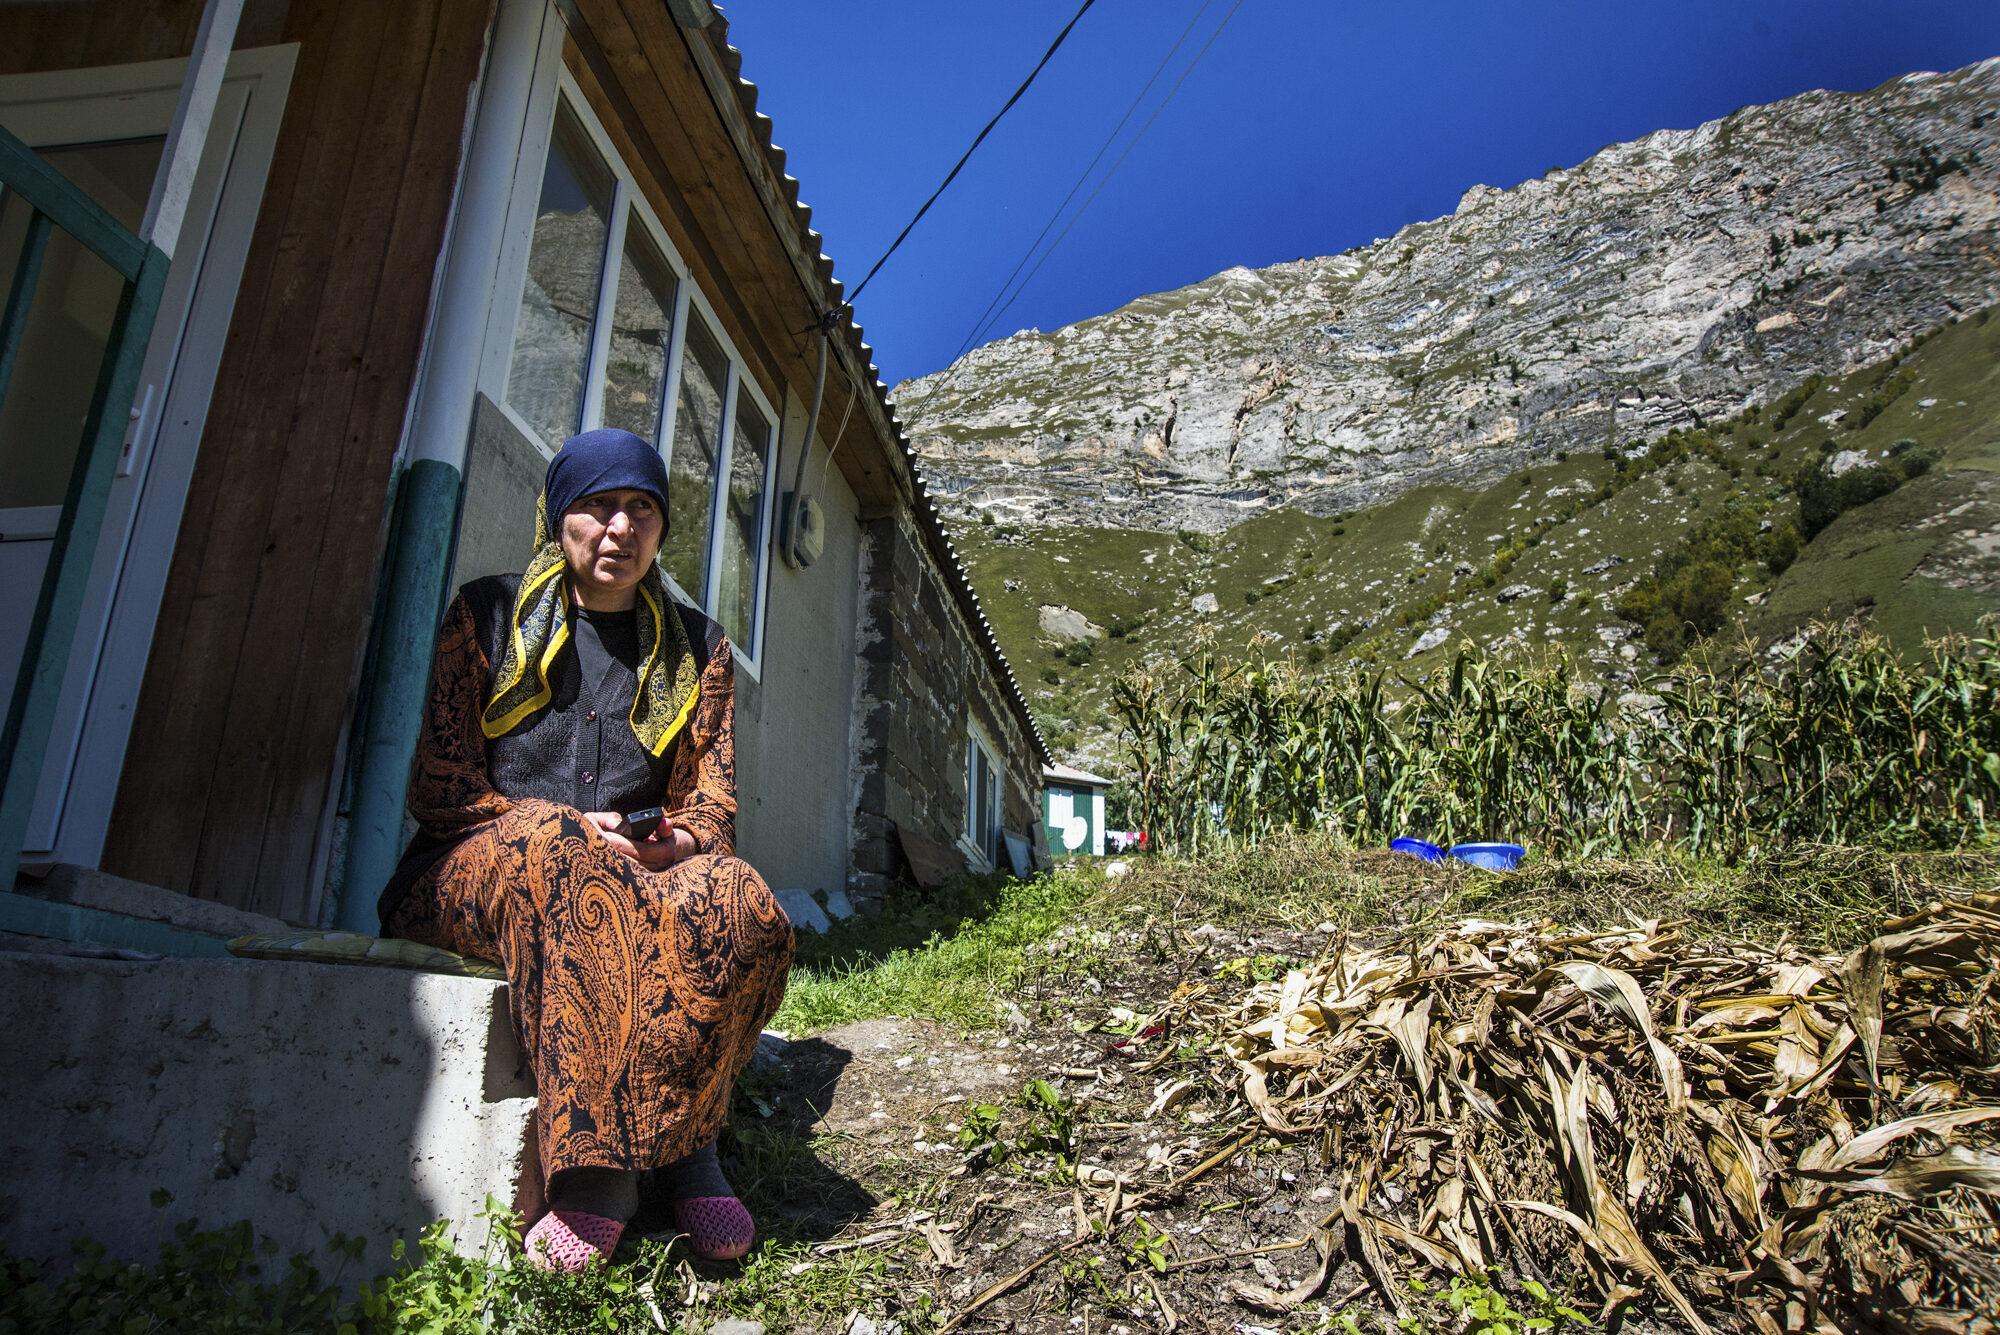 Nainen istuu kotinsa edessä vuoristossa.